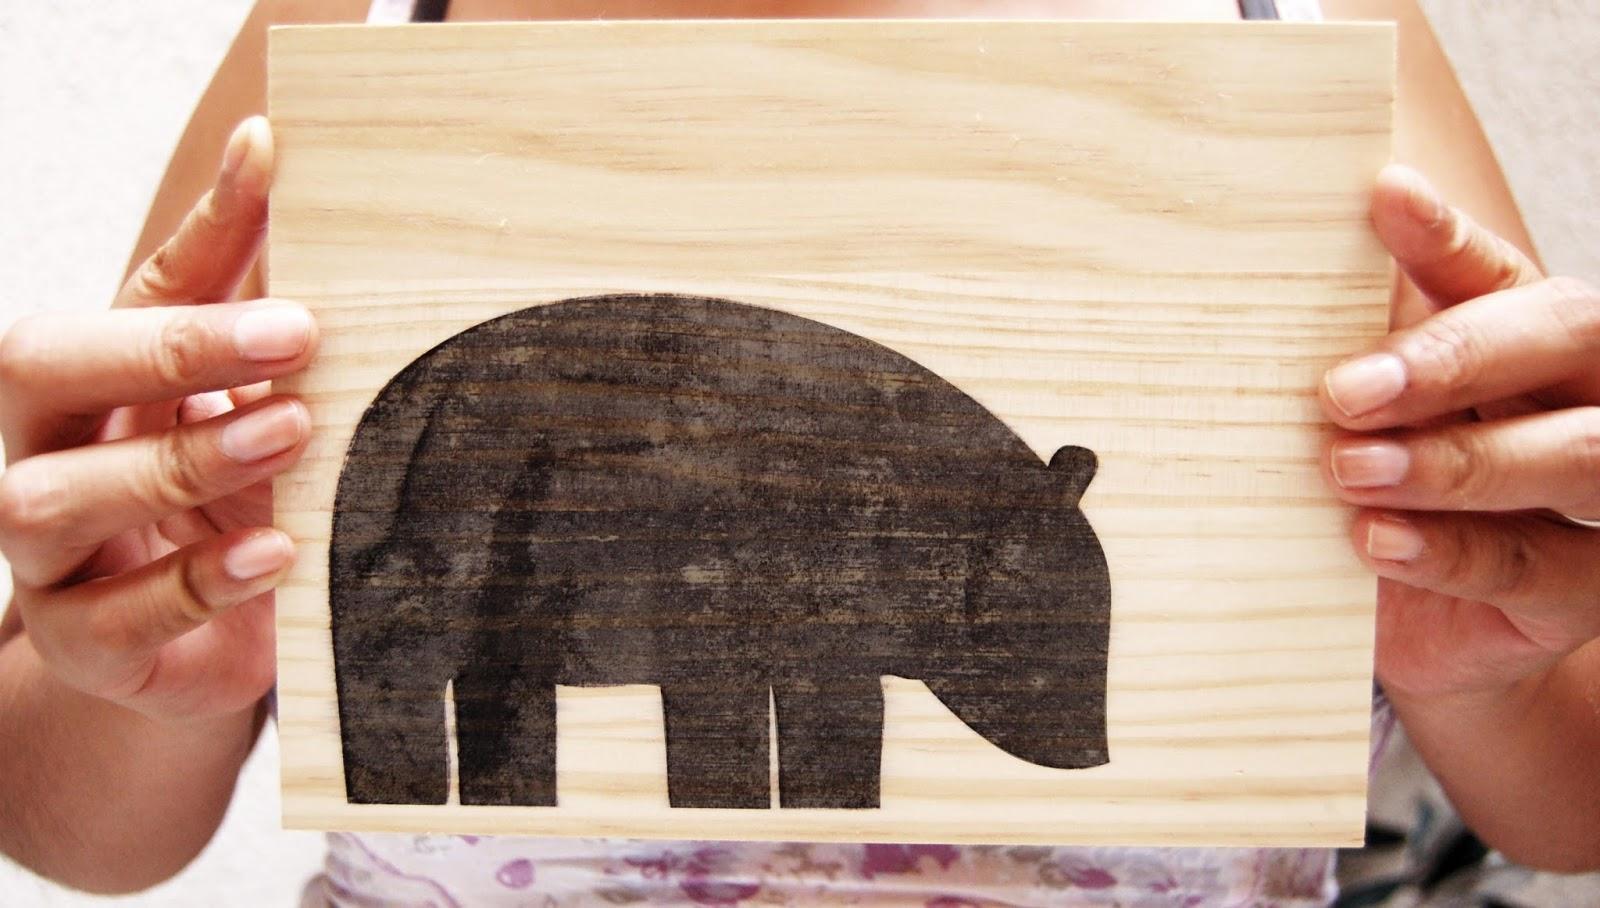 Transferir imagen a madera